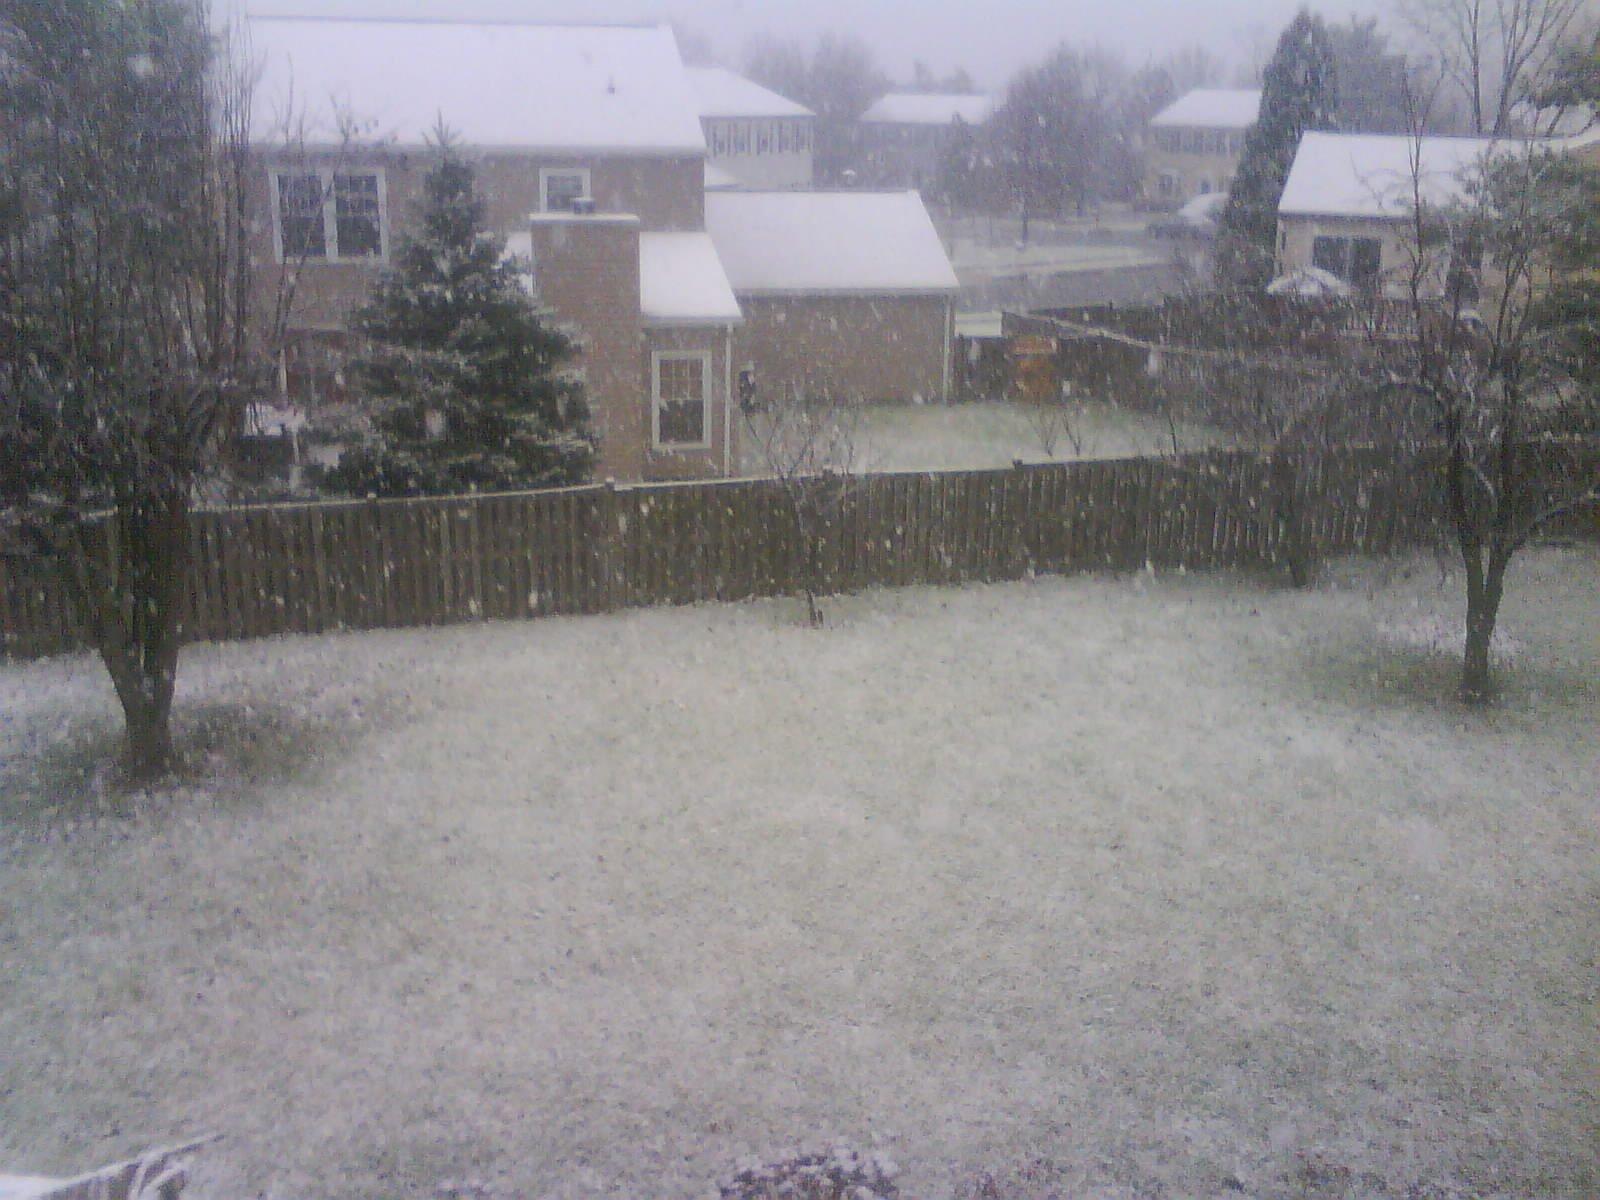 Snow in VA on dec.5th